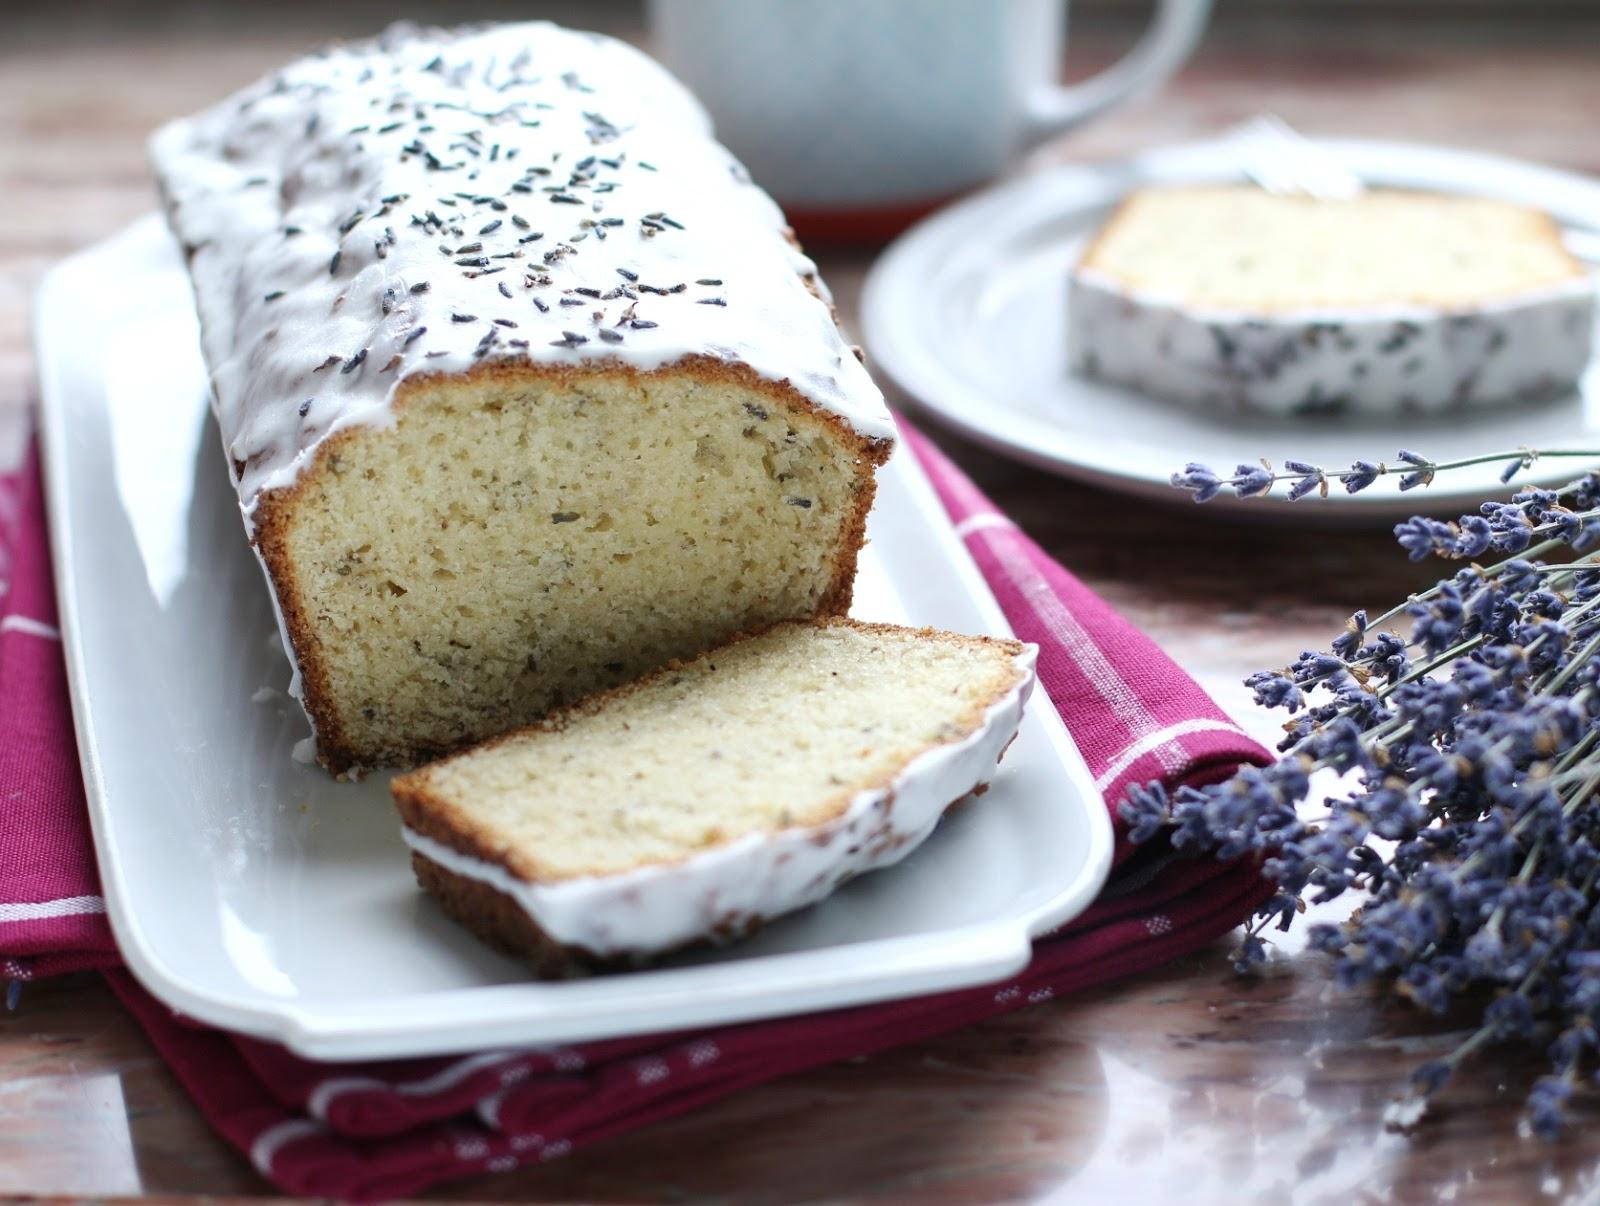 Limonlu ve lavantalı ekmek tarifi